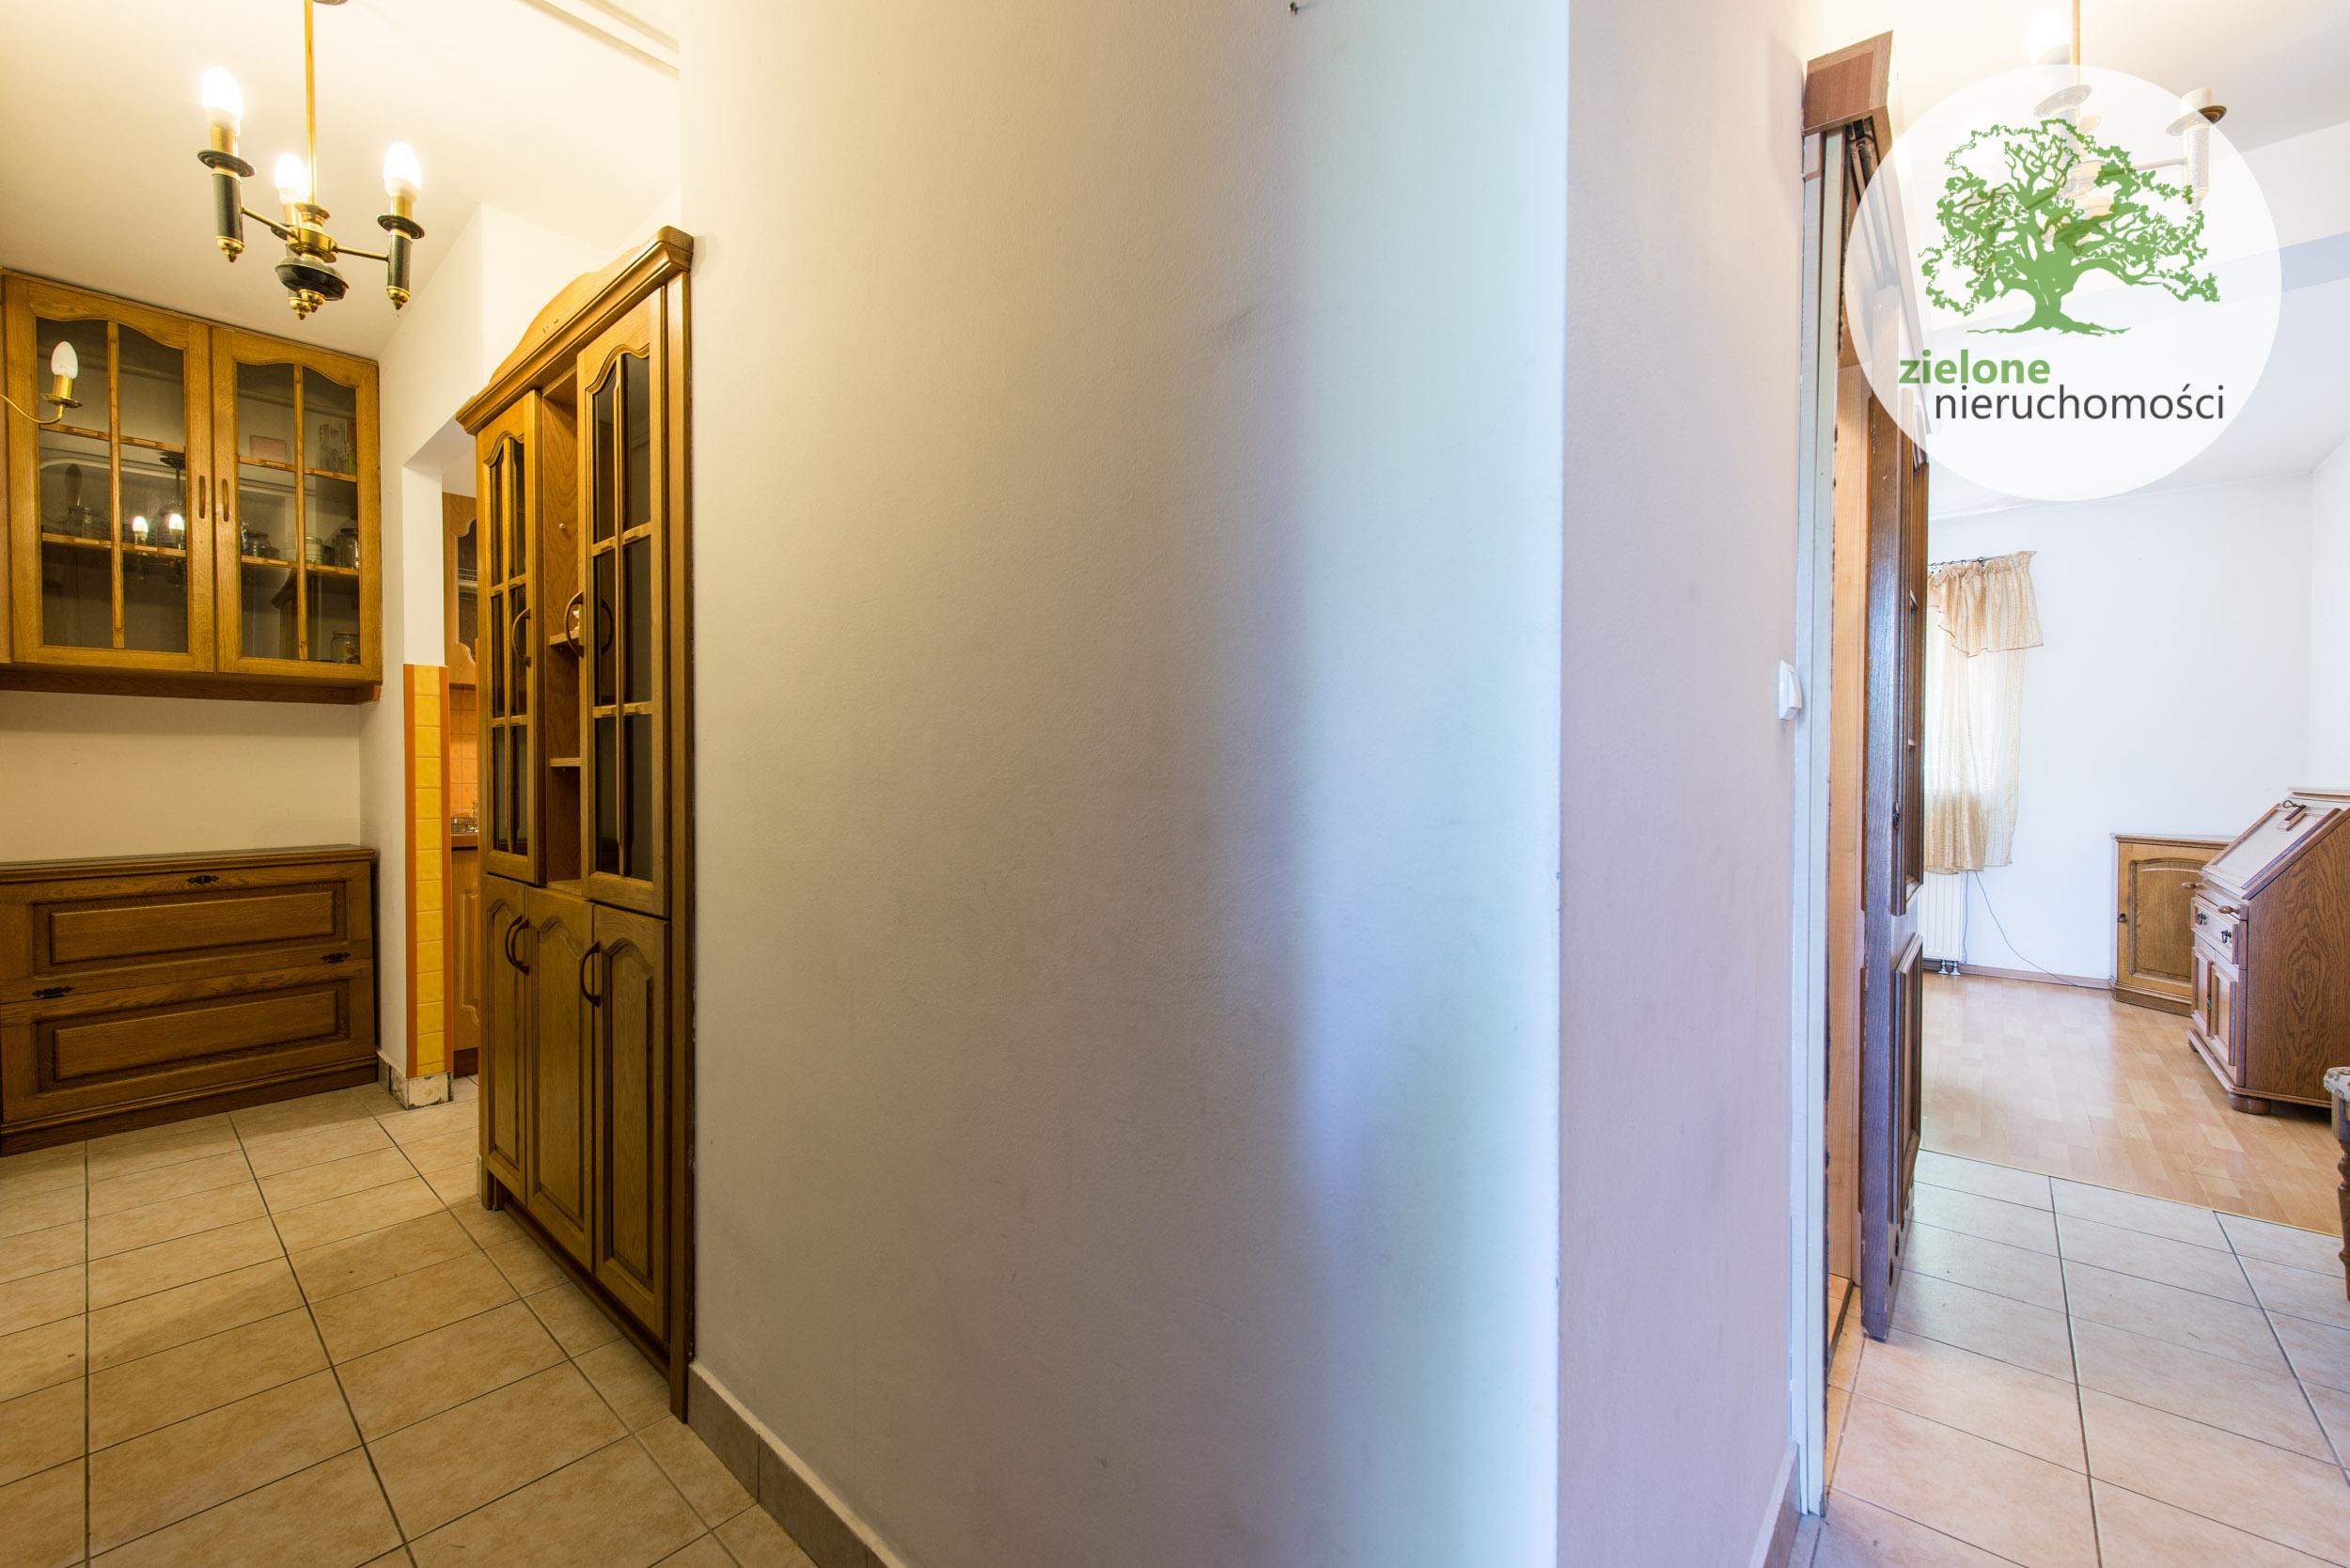 Zdjęcie 5Dwupokojowe mieszkanie TBS w zabudowie szeregowej